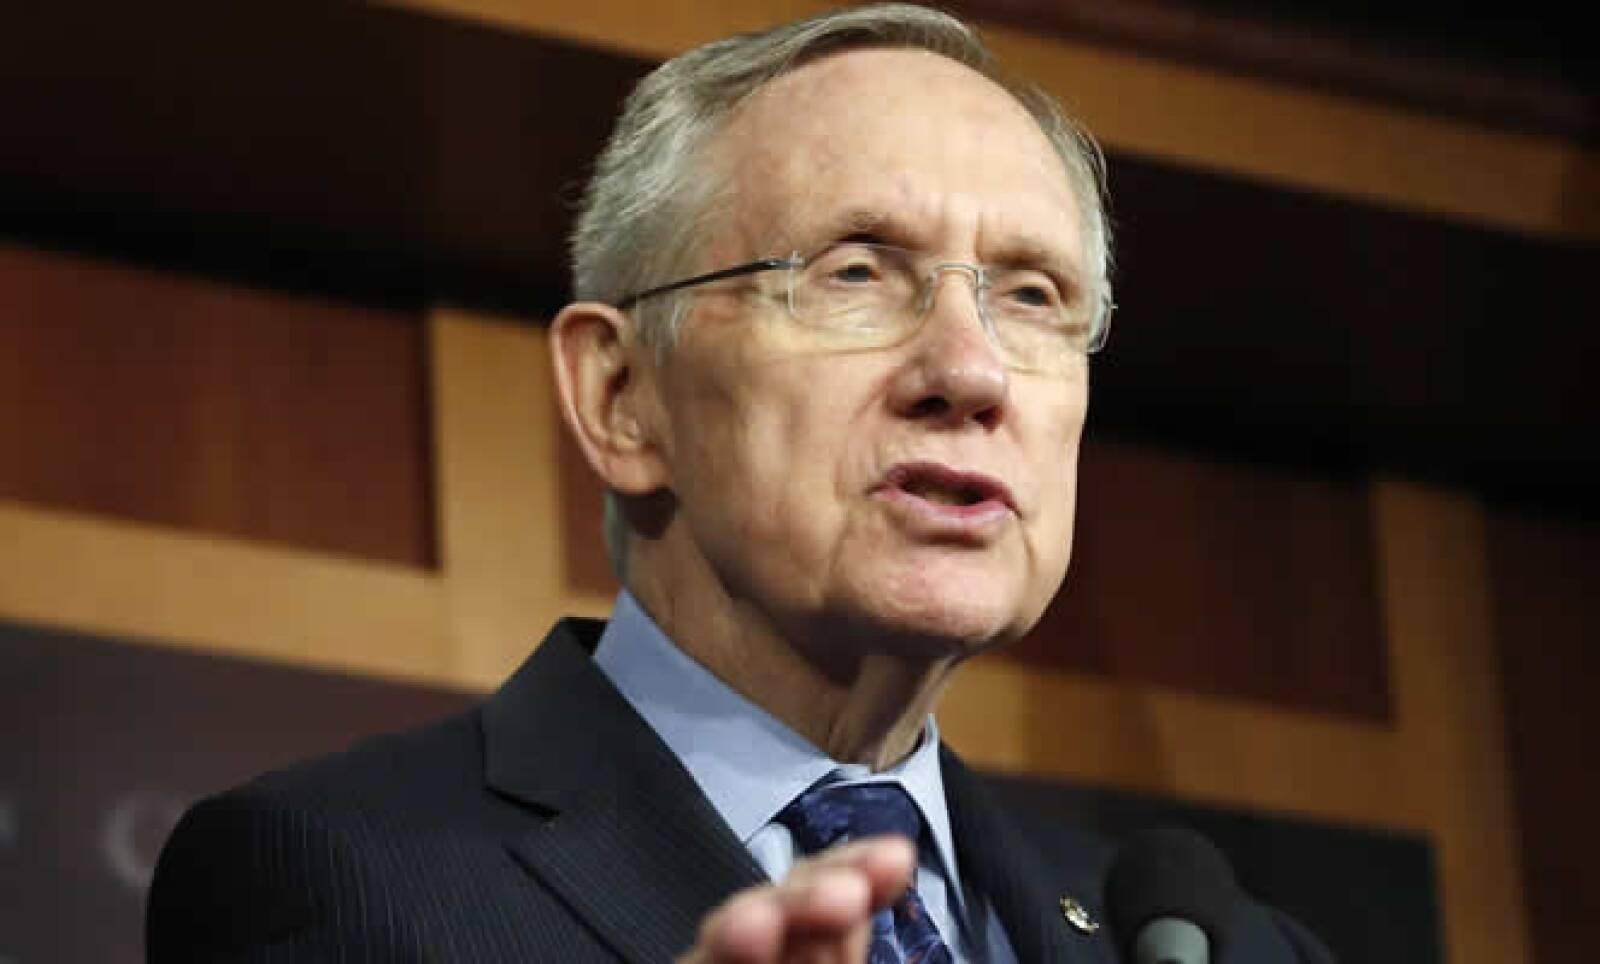 El líder de la mayoría demócrata en el Senado afirma que se han realizado progresos enormes en las negociaciones.